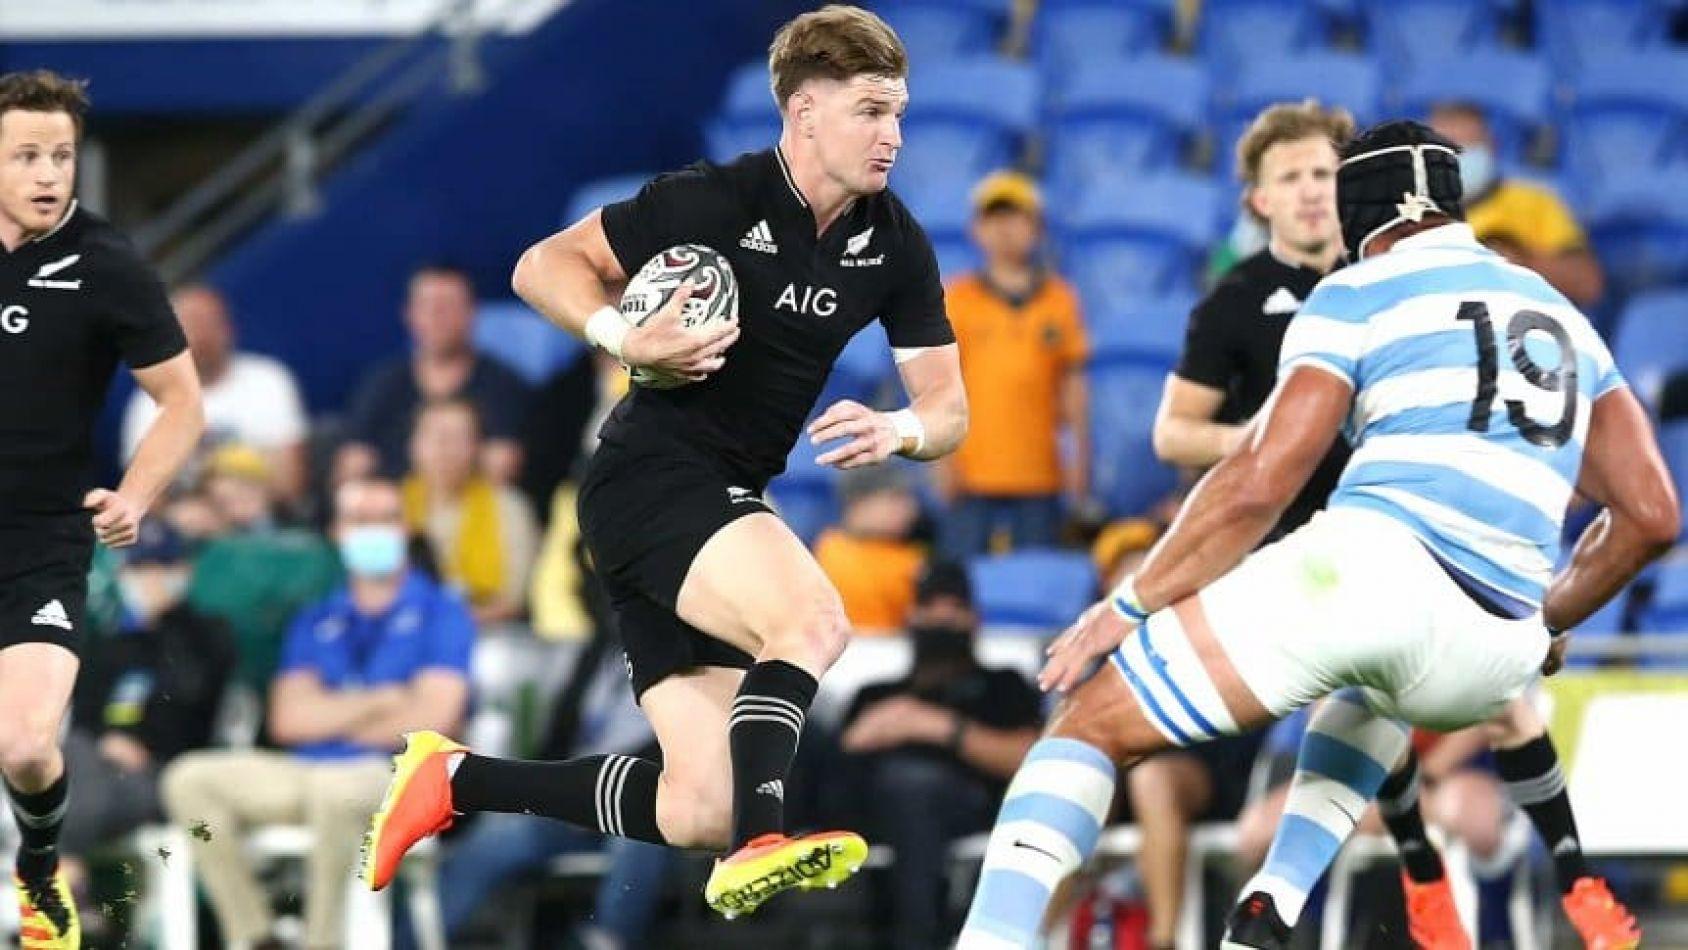 Paliza de los All Blacks a Los Pumas en el Rugby Championship